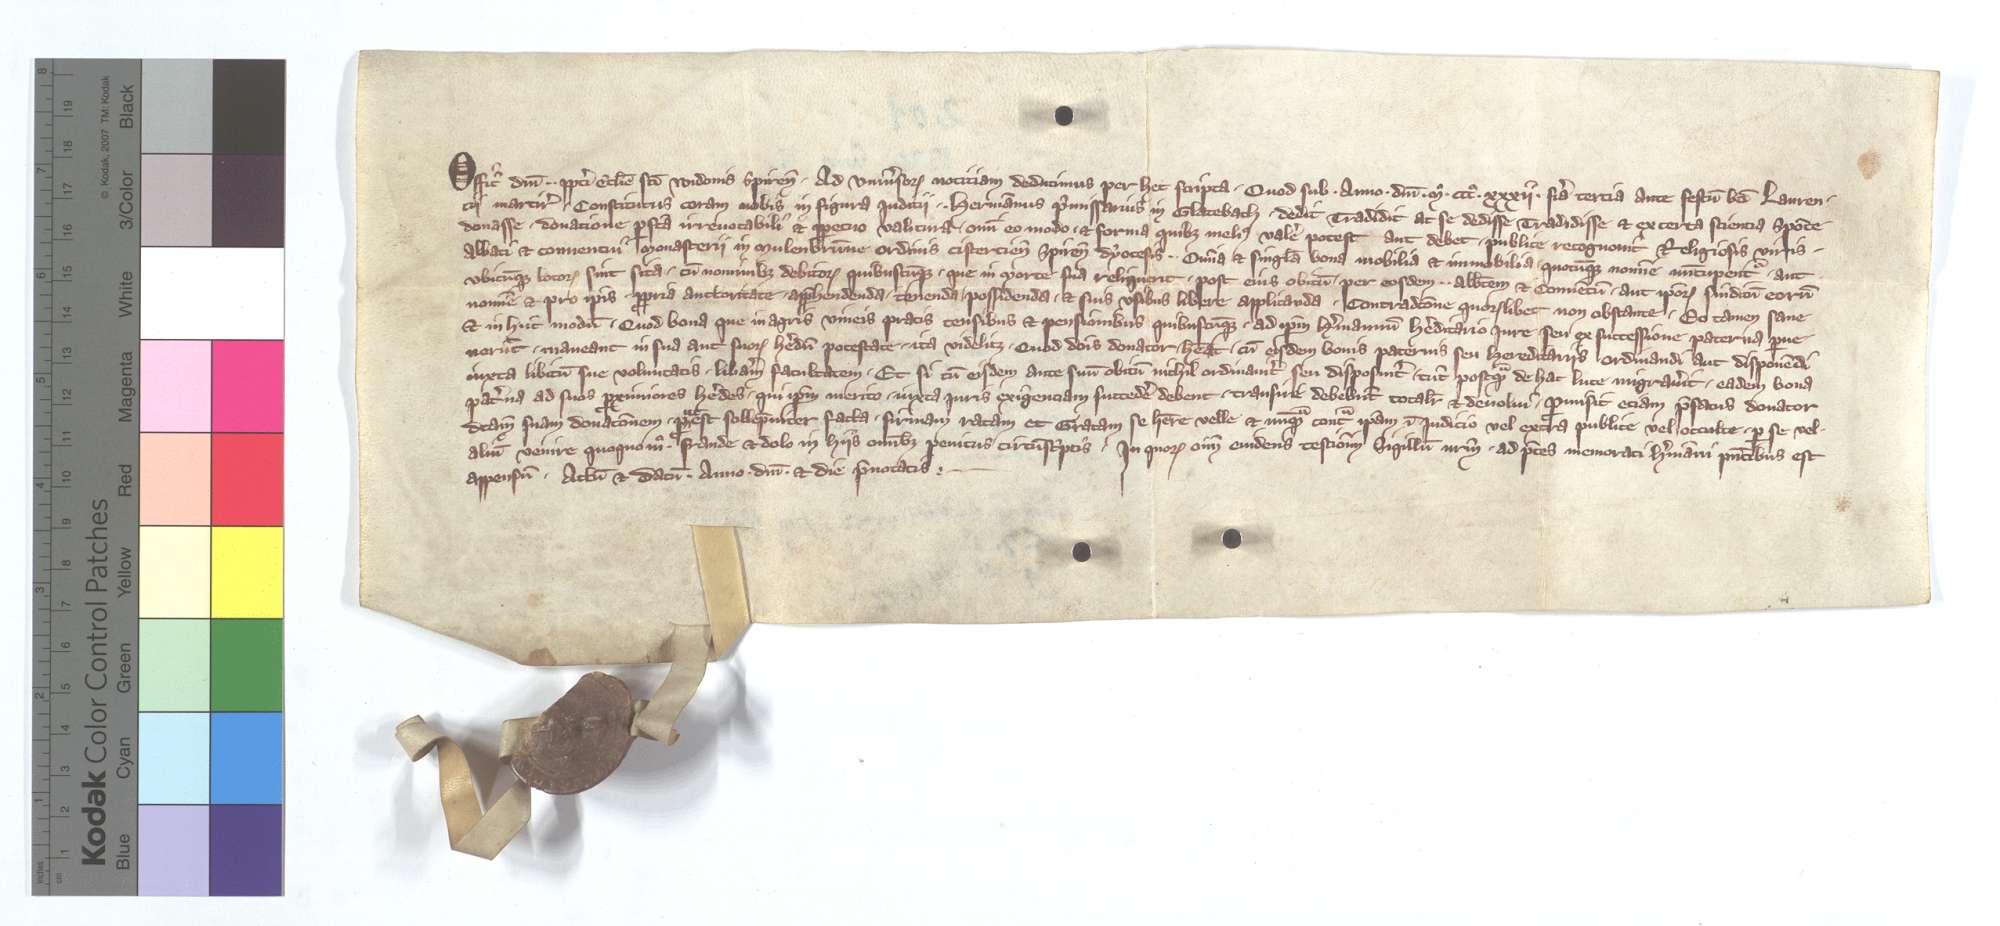 Hermann der Frühmesser in Glattbach vermacht dem Kloster Maulbronn all sein Gut nach seinem Tod., Text